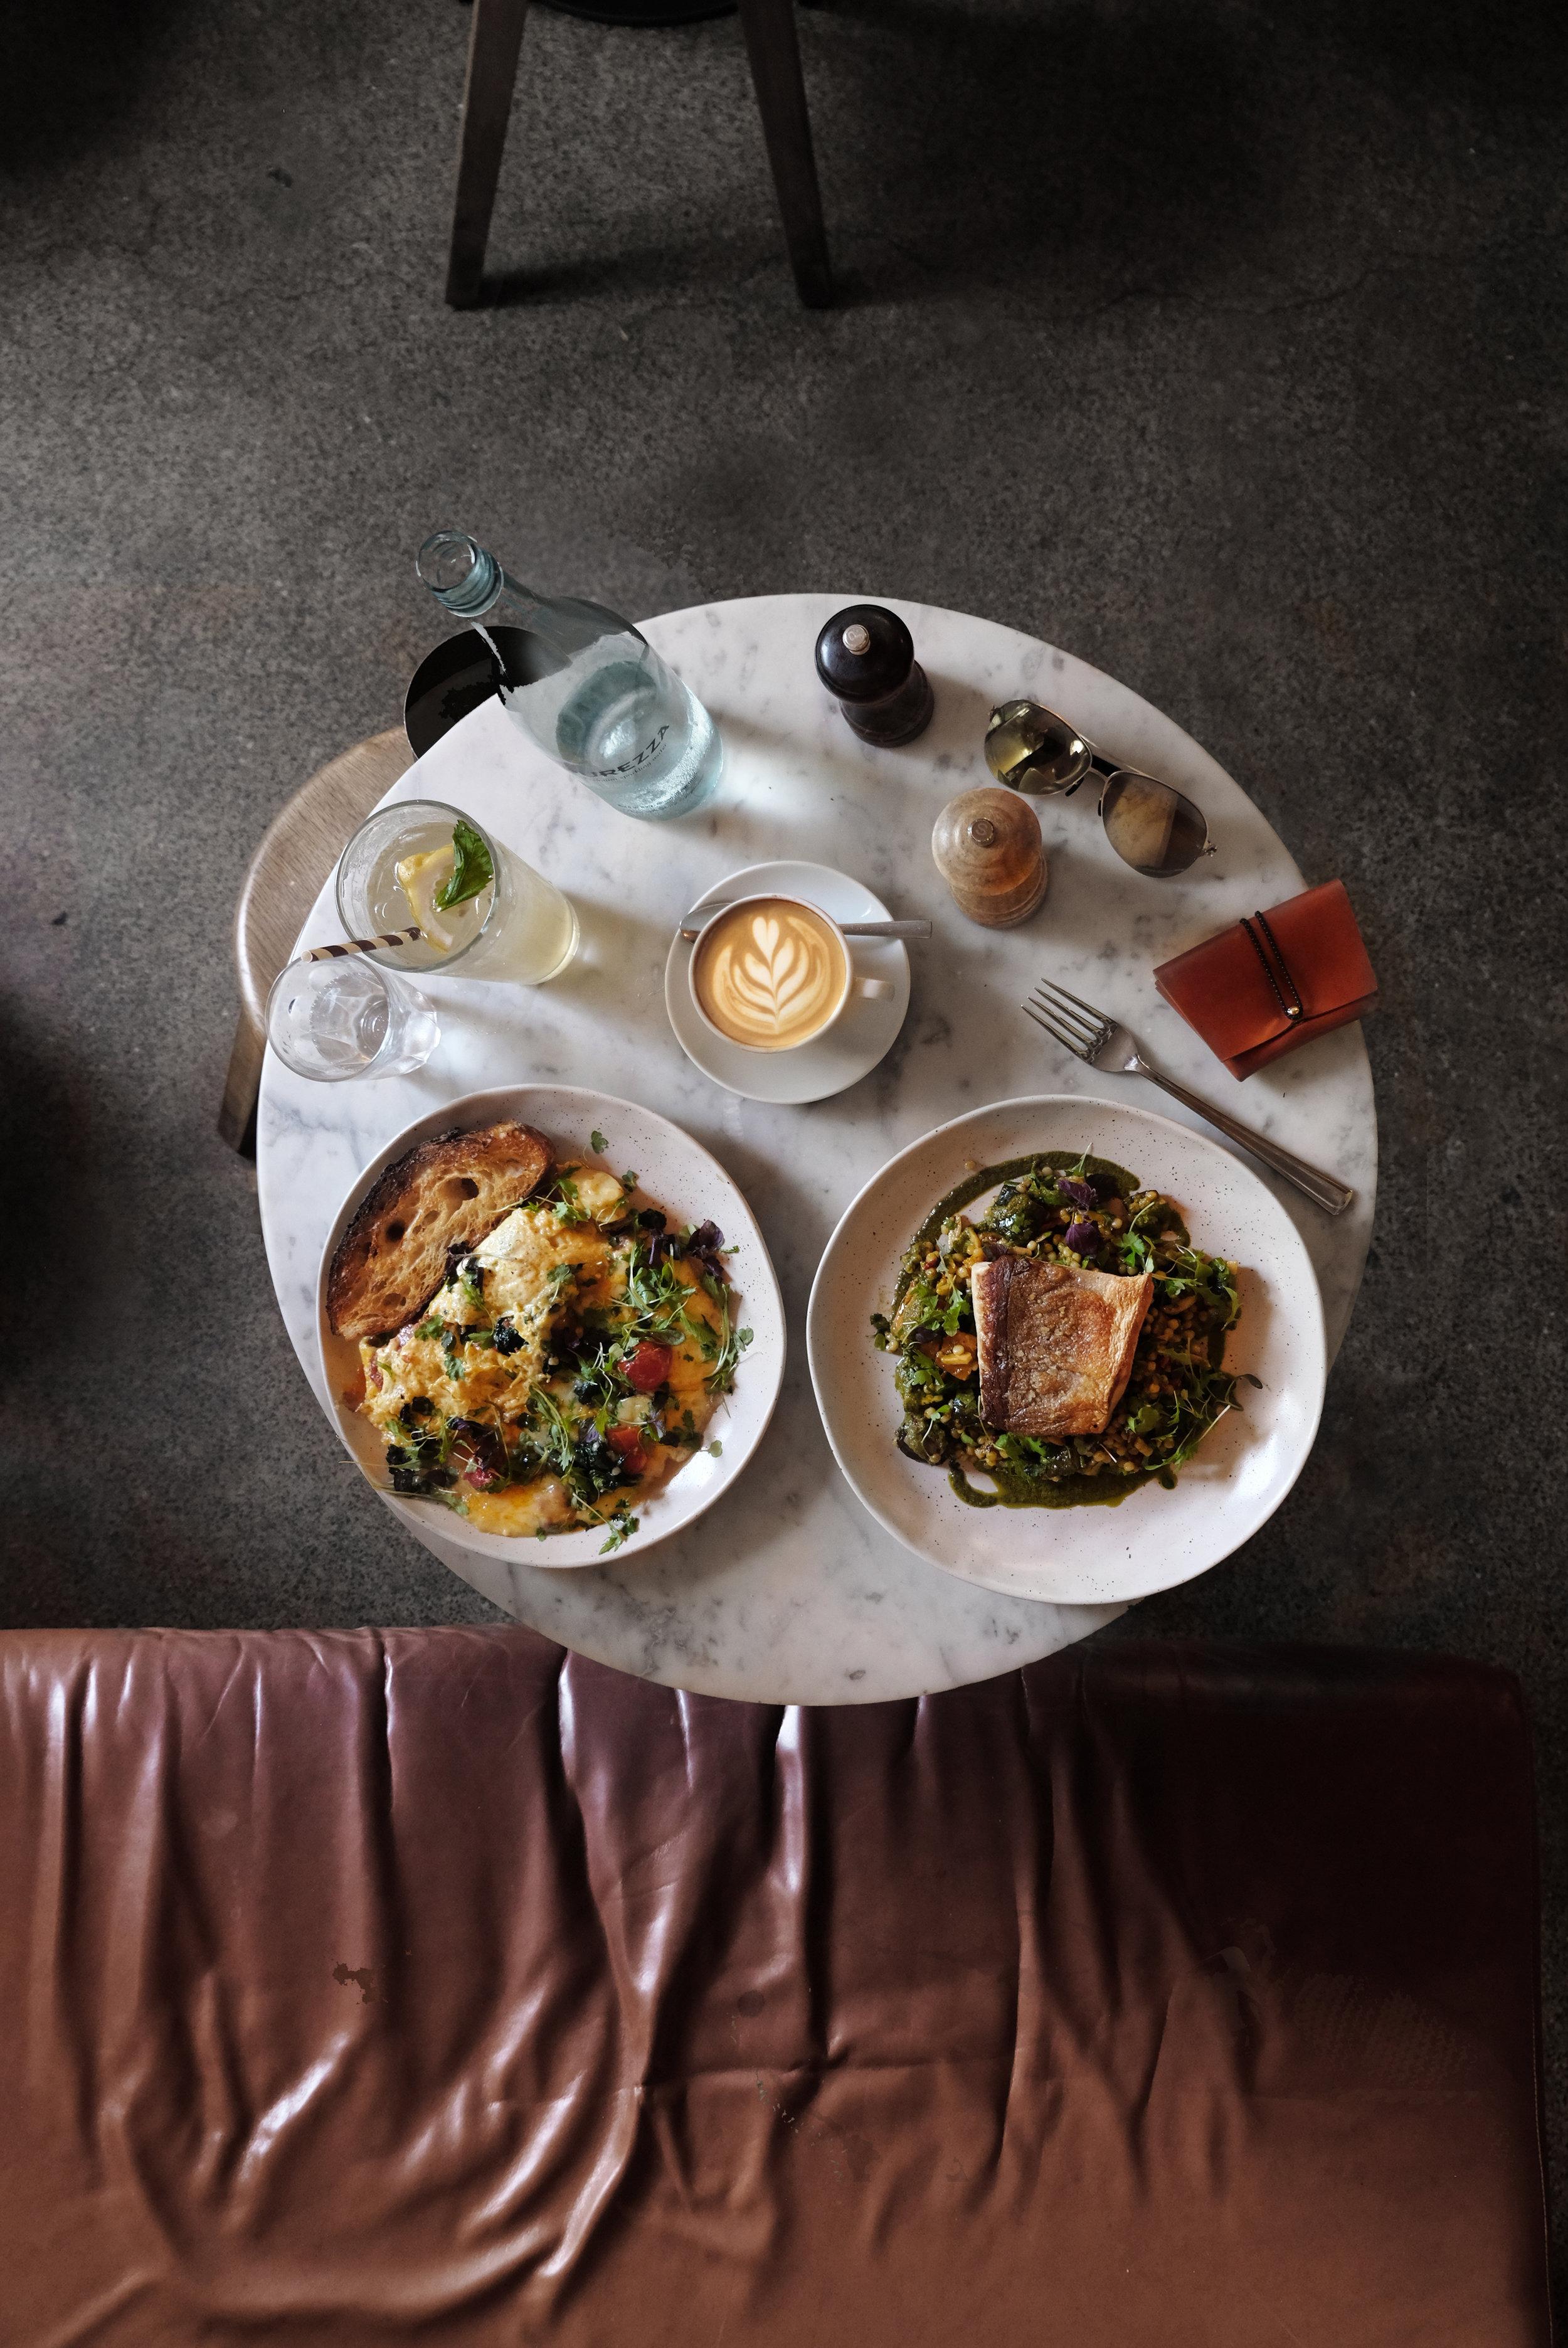 T H R E E. W I L L I A M S . /  Three Williams    澳州的咖啡店大部分都提供豐富的食物餐點 這個Spanish omelette 好吃得無話可說 . /Spanish omelette with cheese and chorizo / Grilled kingfish, Israeli cous cous with roasted vegetables and almonds  https://www.instagram.com/p/BssrGnNlrV2/?utm_source=ig_web_button_share_sheet  📍613A Elizabeth St, Redfern